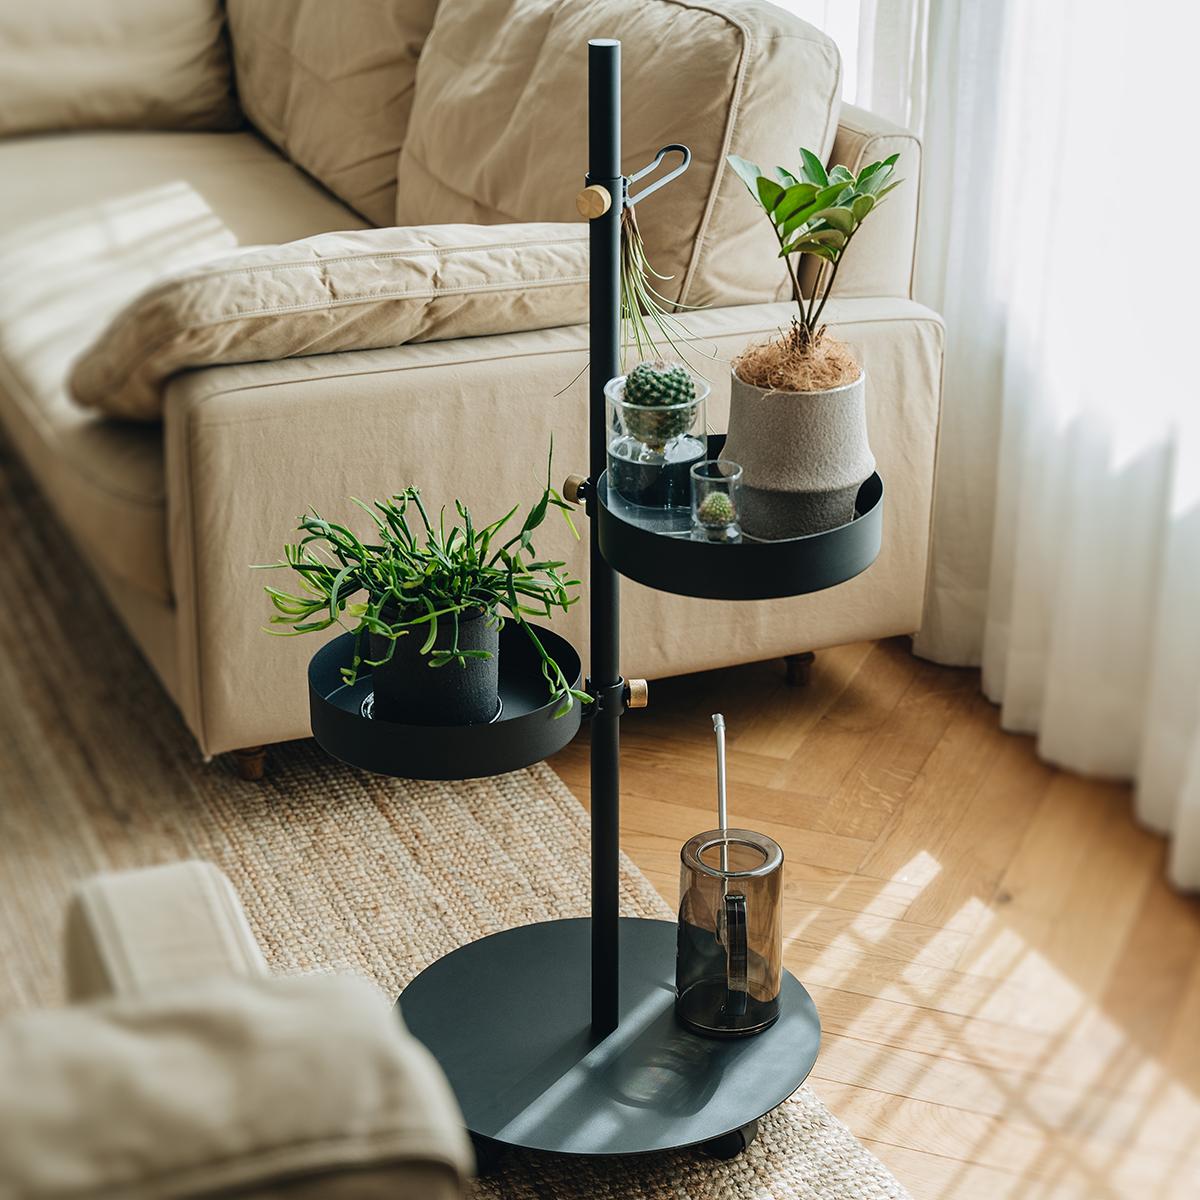 あなたの暮しをグッと効率よく変える、あらゆる場所で<見せる収納>を。キャスター台つきポール「Move Rod(ムーブロッド)」|DRAW A LINE(ドローアライン)